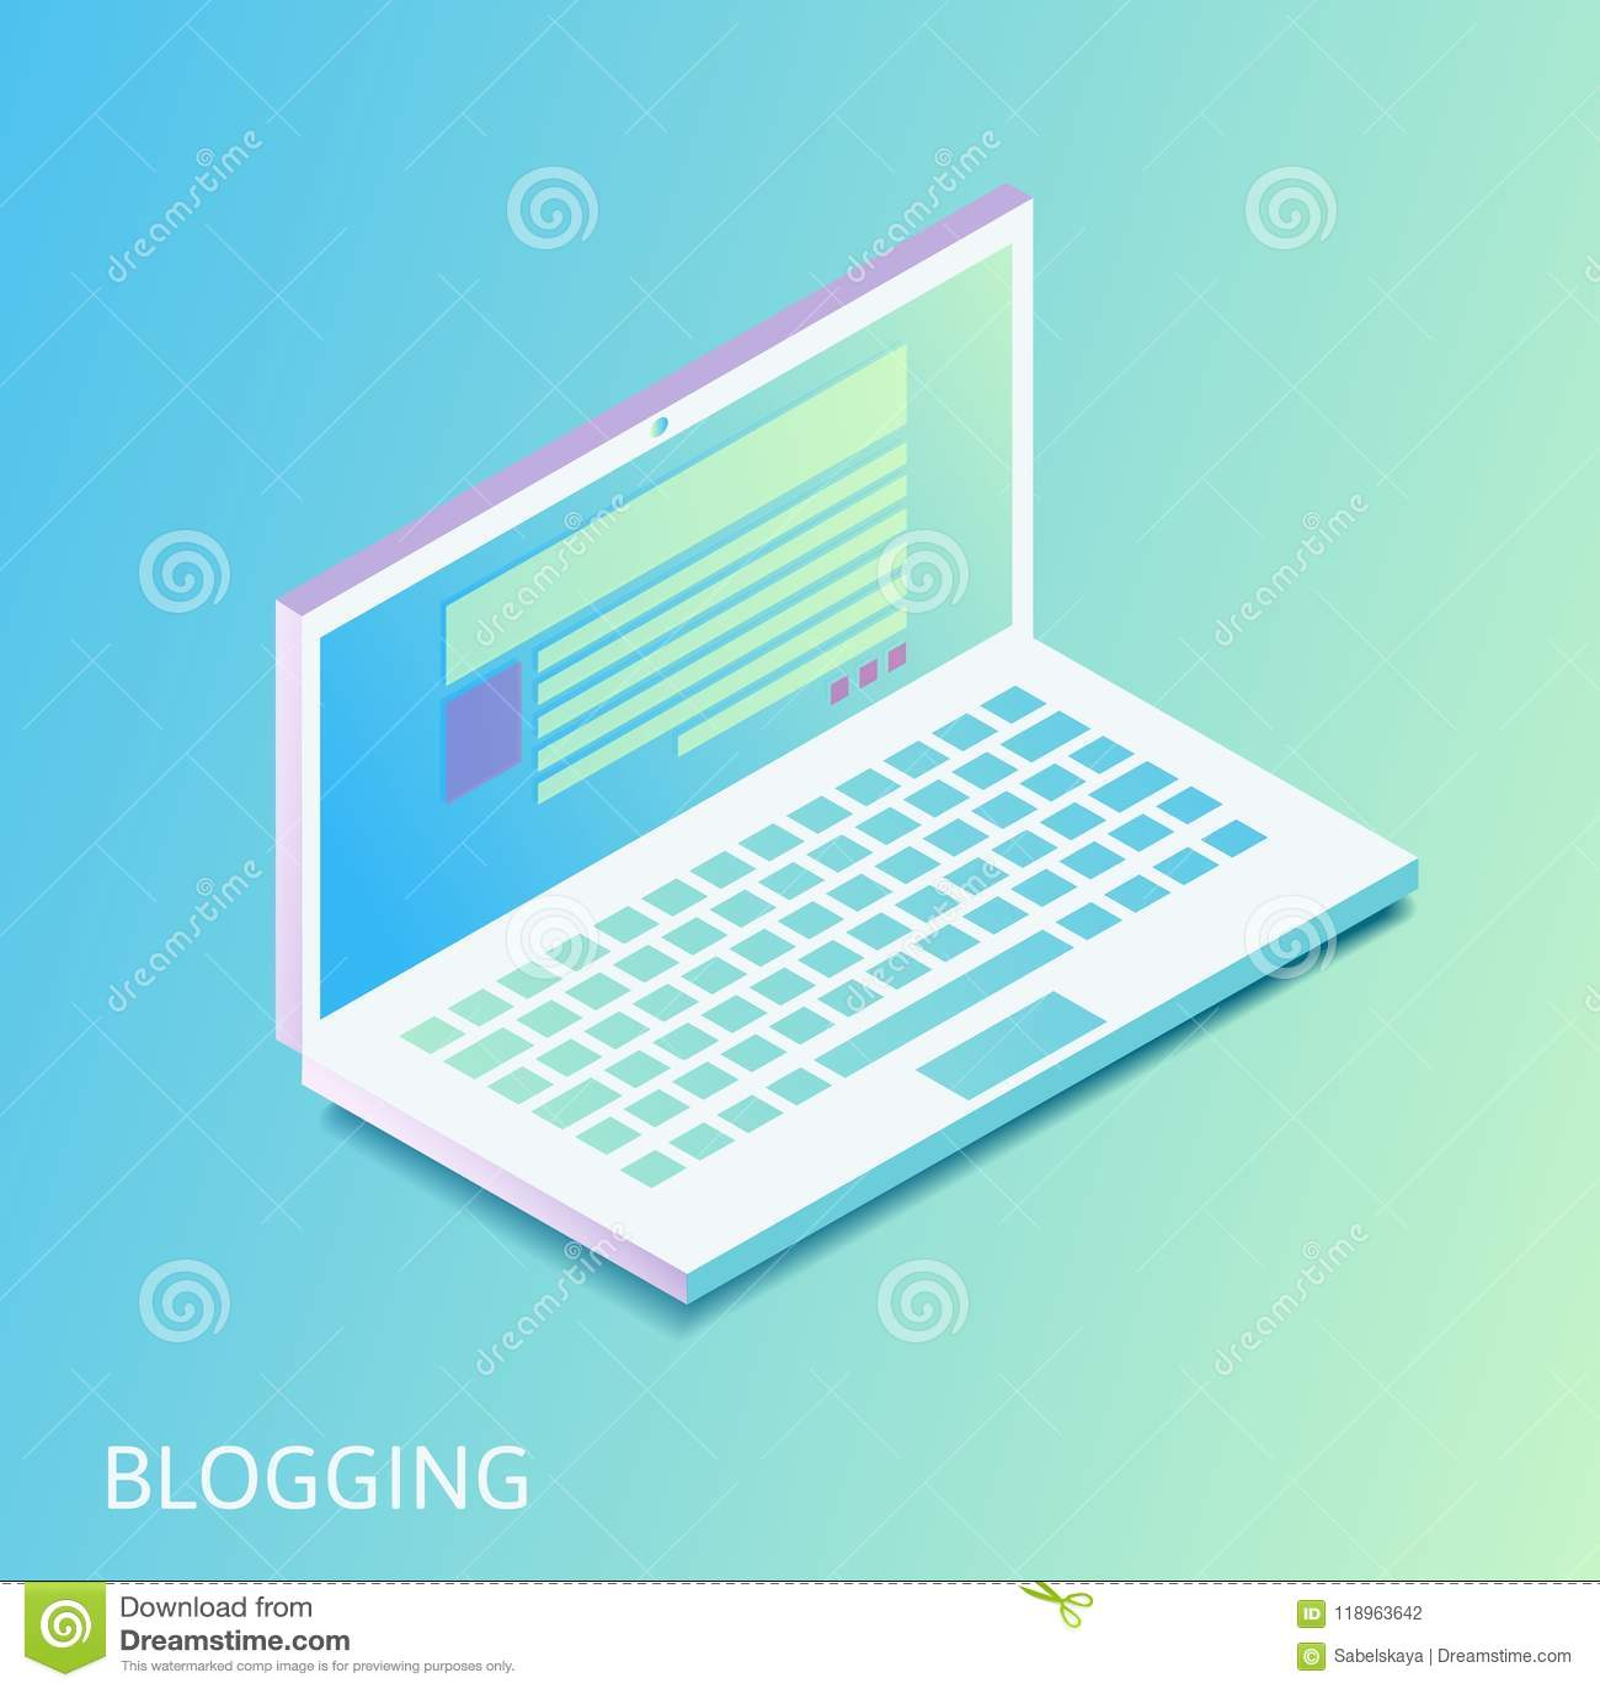 Равновеликая gradiented компьтер-книжка - раскрытый вебсайт с столбом или новостной статьей блога на экране компьютер-книжки